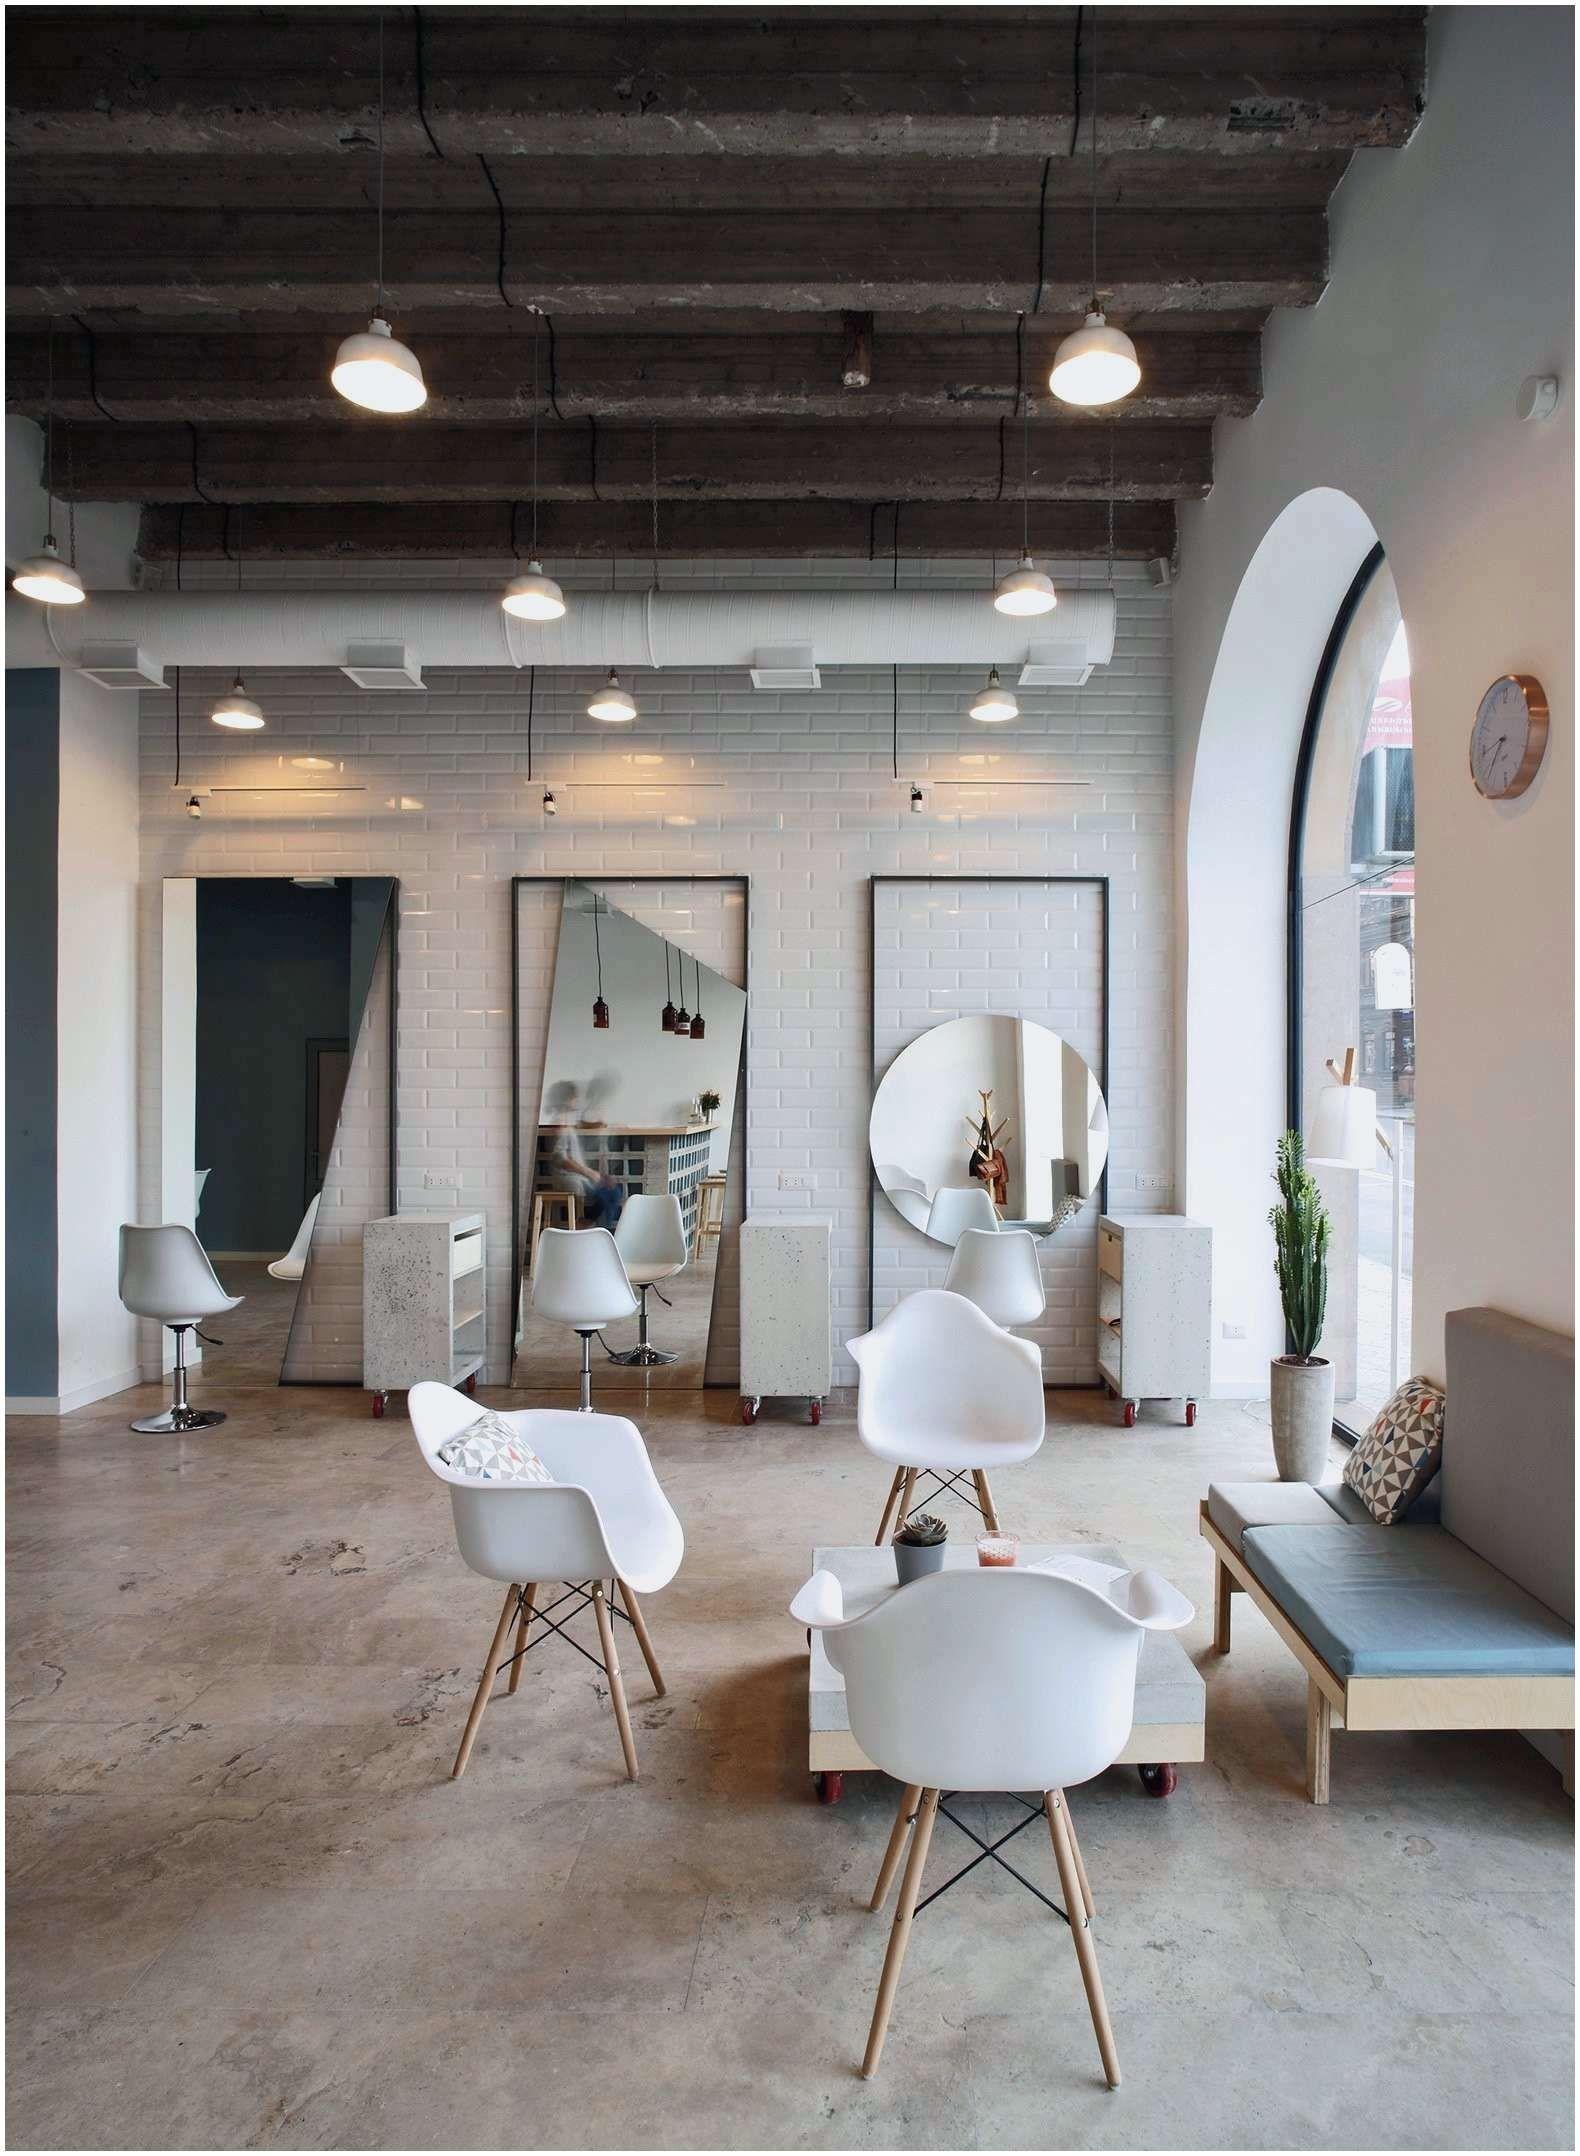 20 Idee Deco Salon Noir Blanc Gris  Desain, Tukang cukur, dan